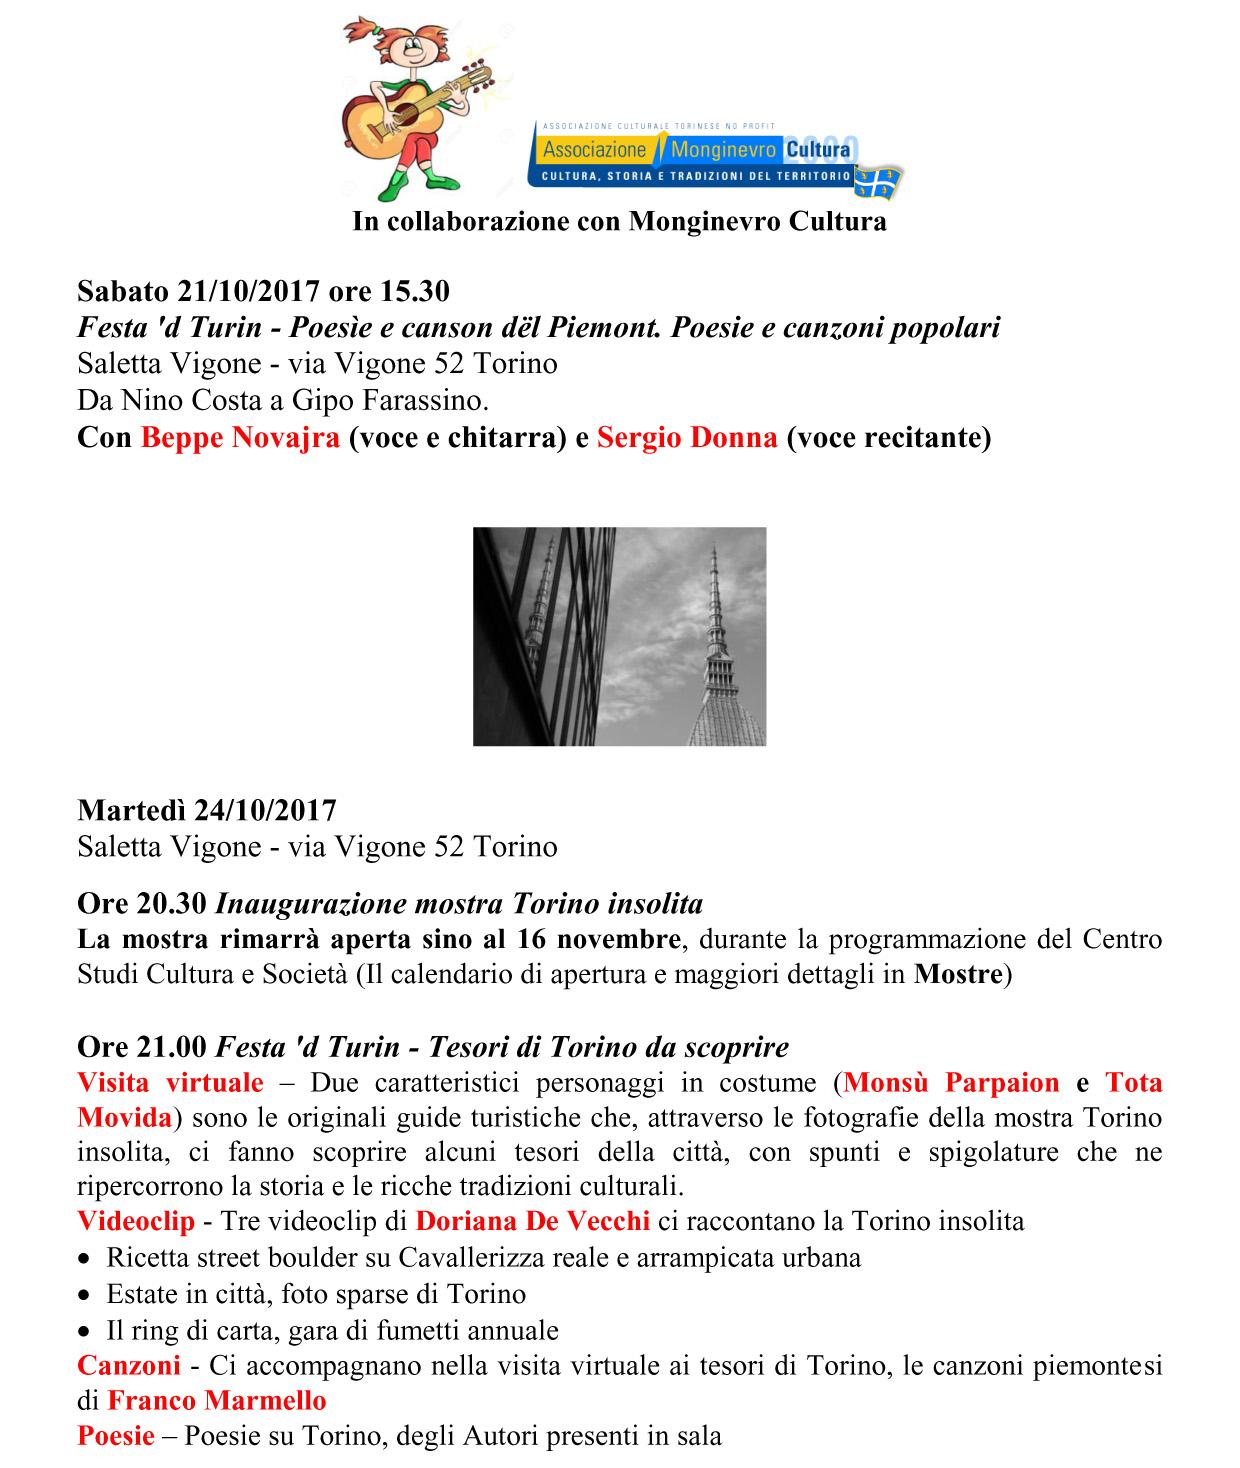 A03 Festa 'd Turin 20173 3